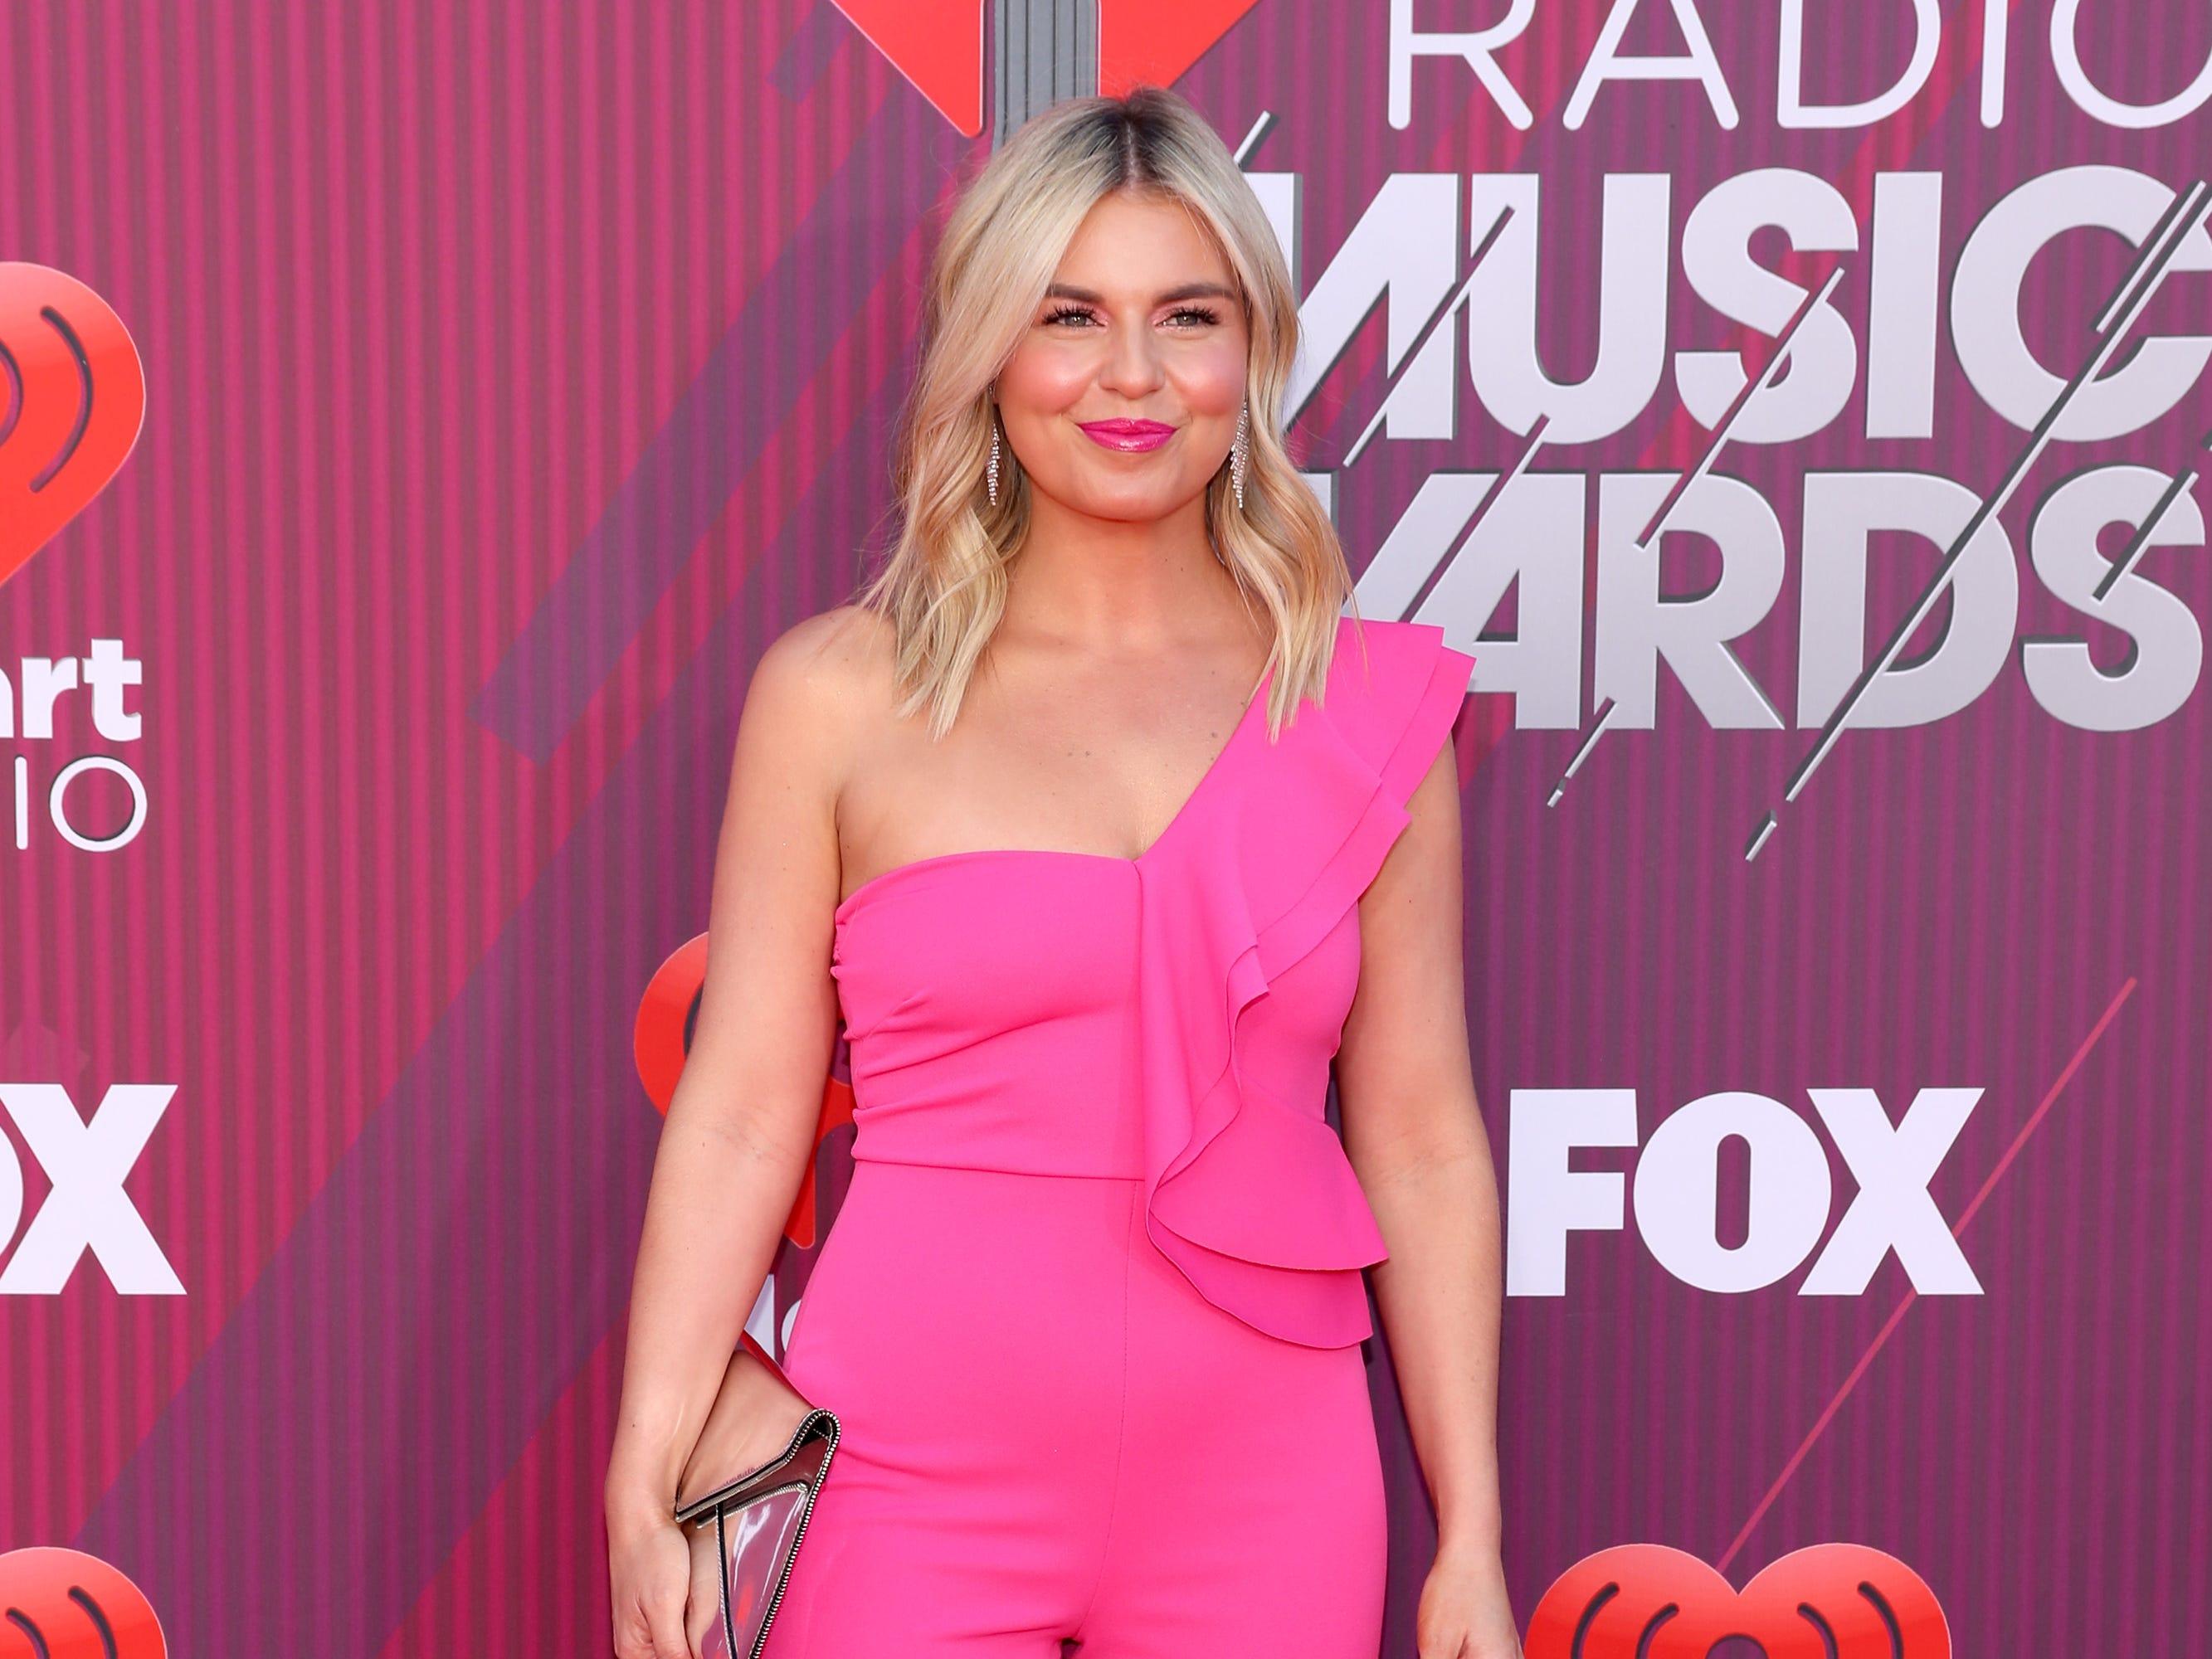 Tanya Rad a su llegada a los premios iHeart Radio Music Awards en 2019 el 14 de marzo de 2019 en Los Angeles, California.